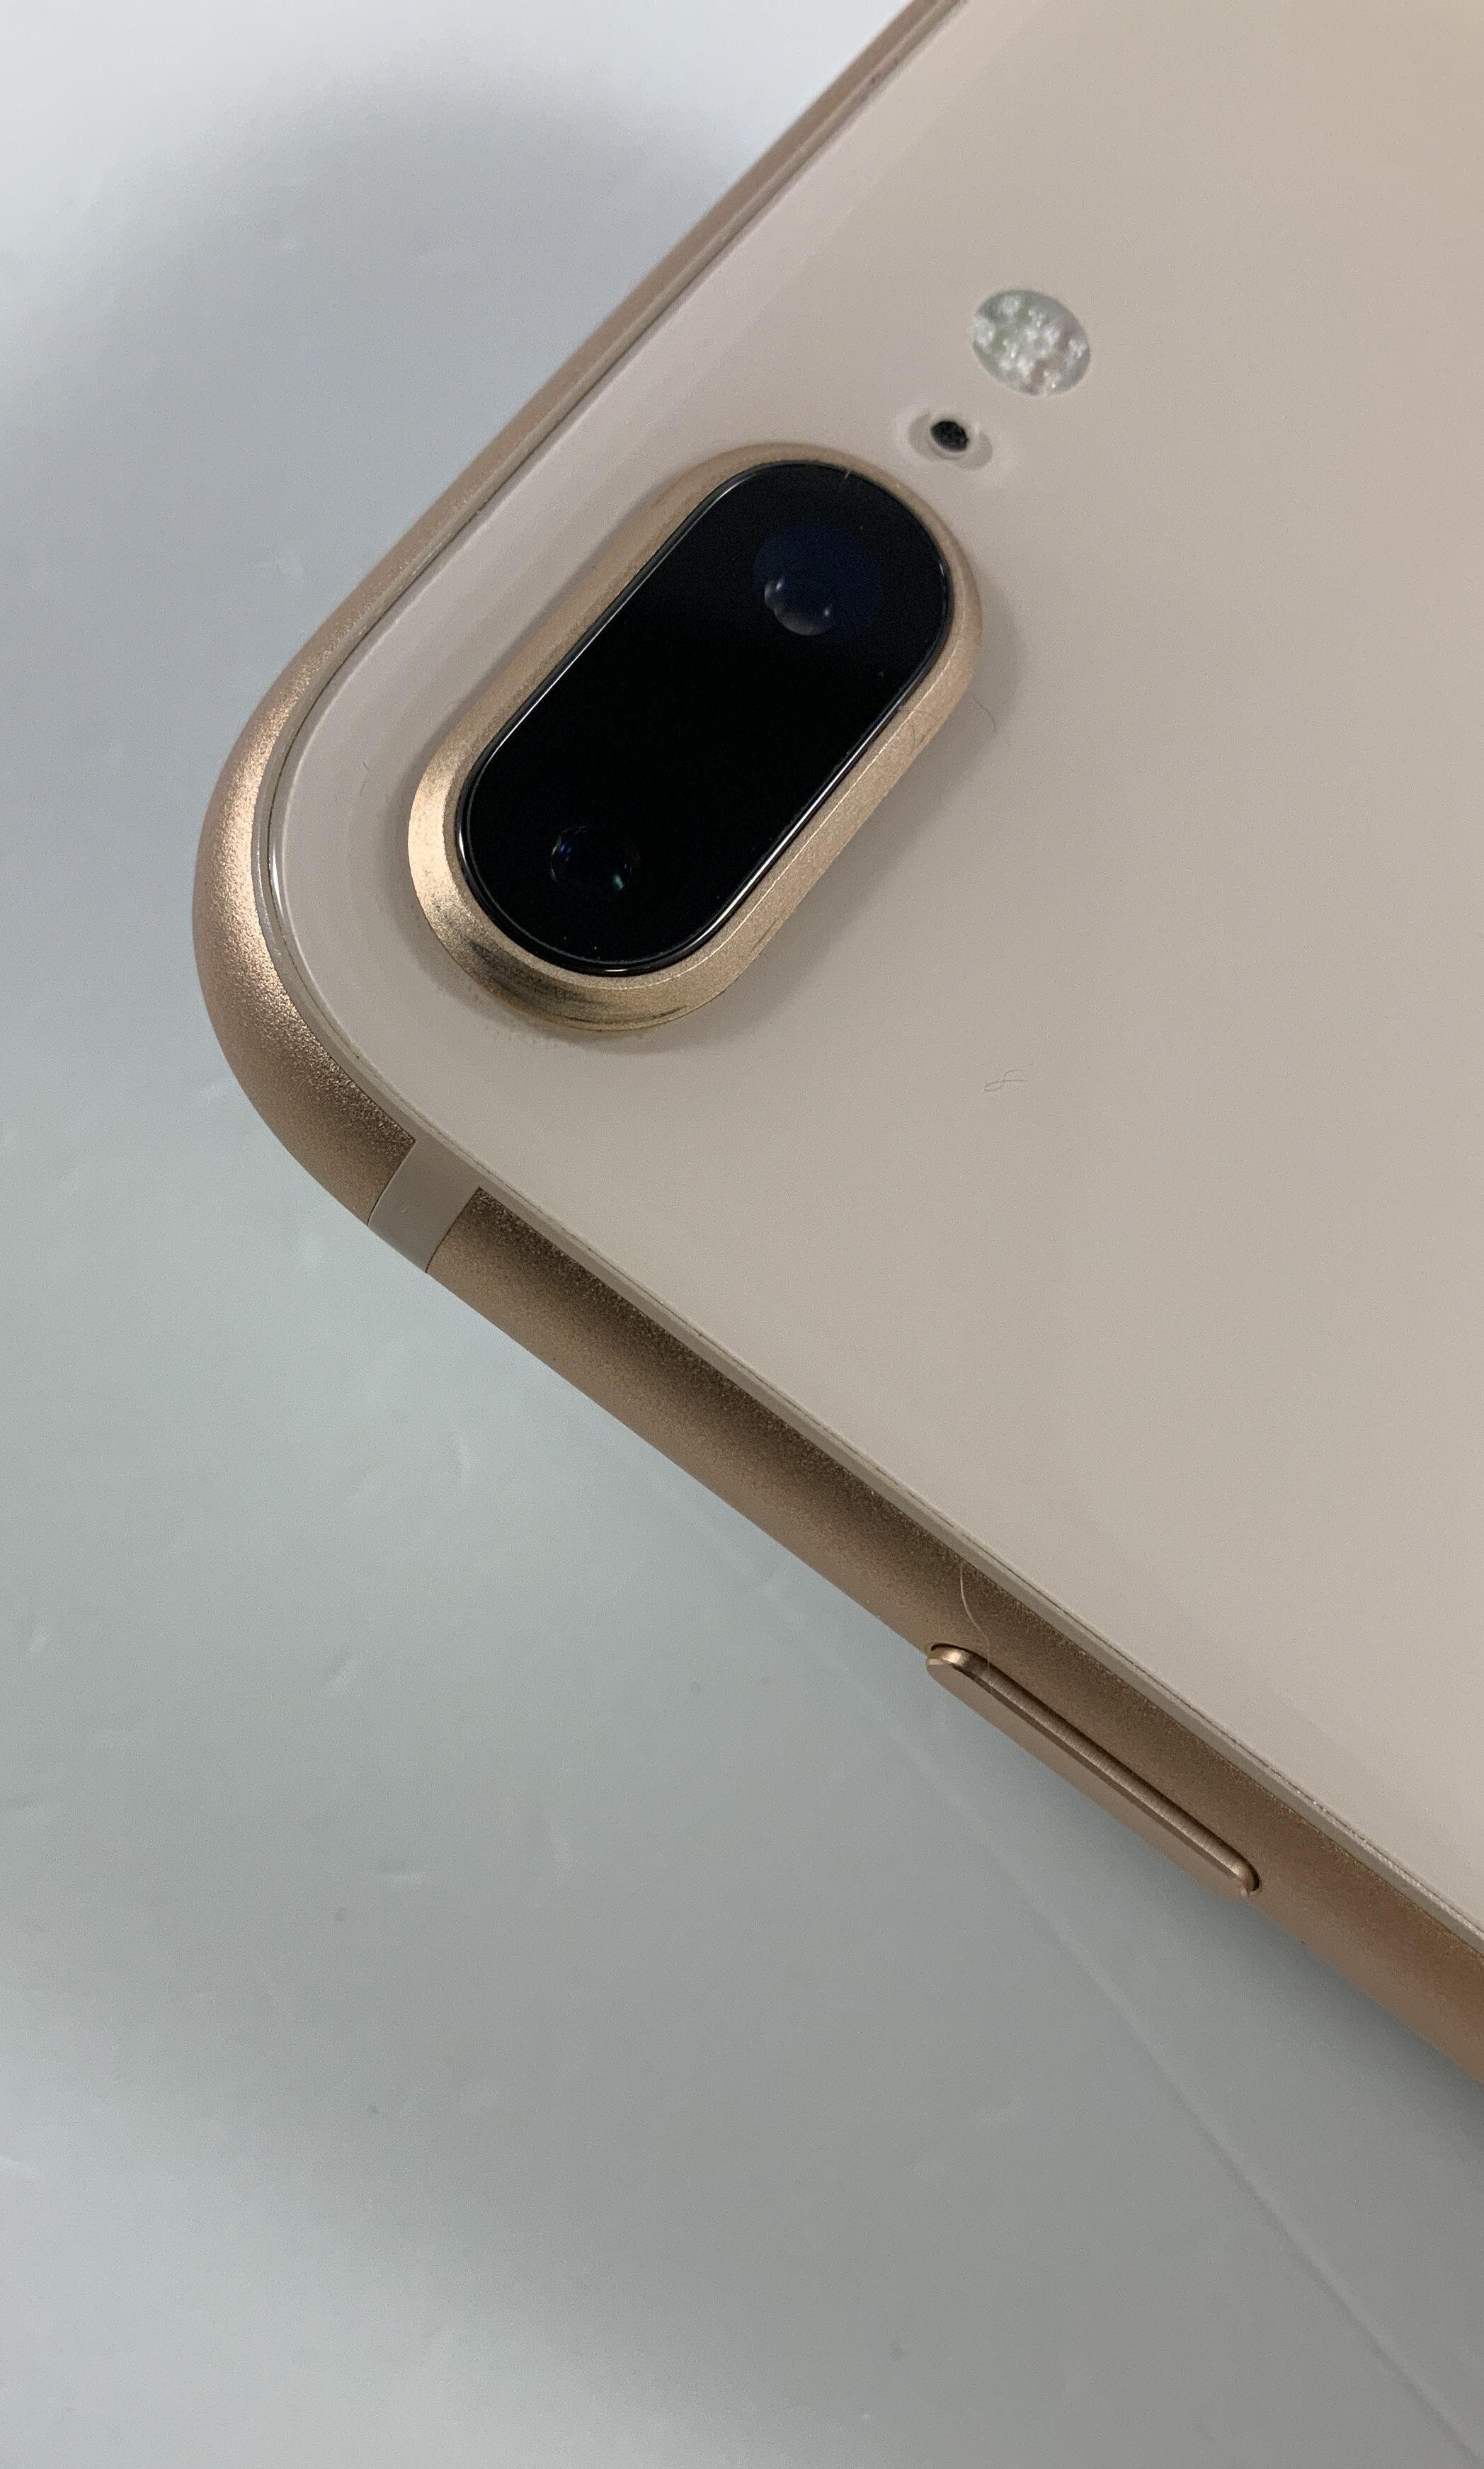 iPhone 8 Plus 64GB, 64GB, Gold, imagen 3